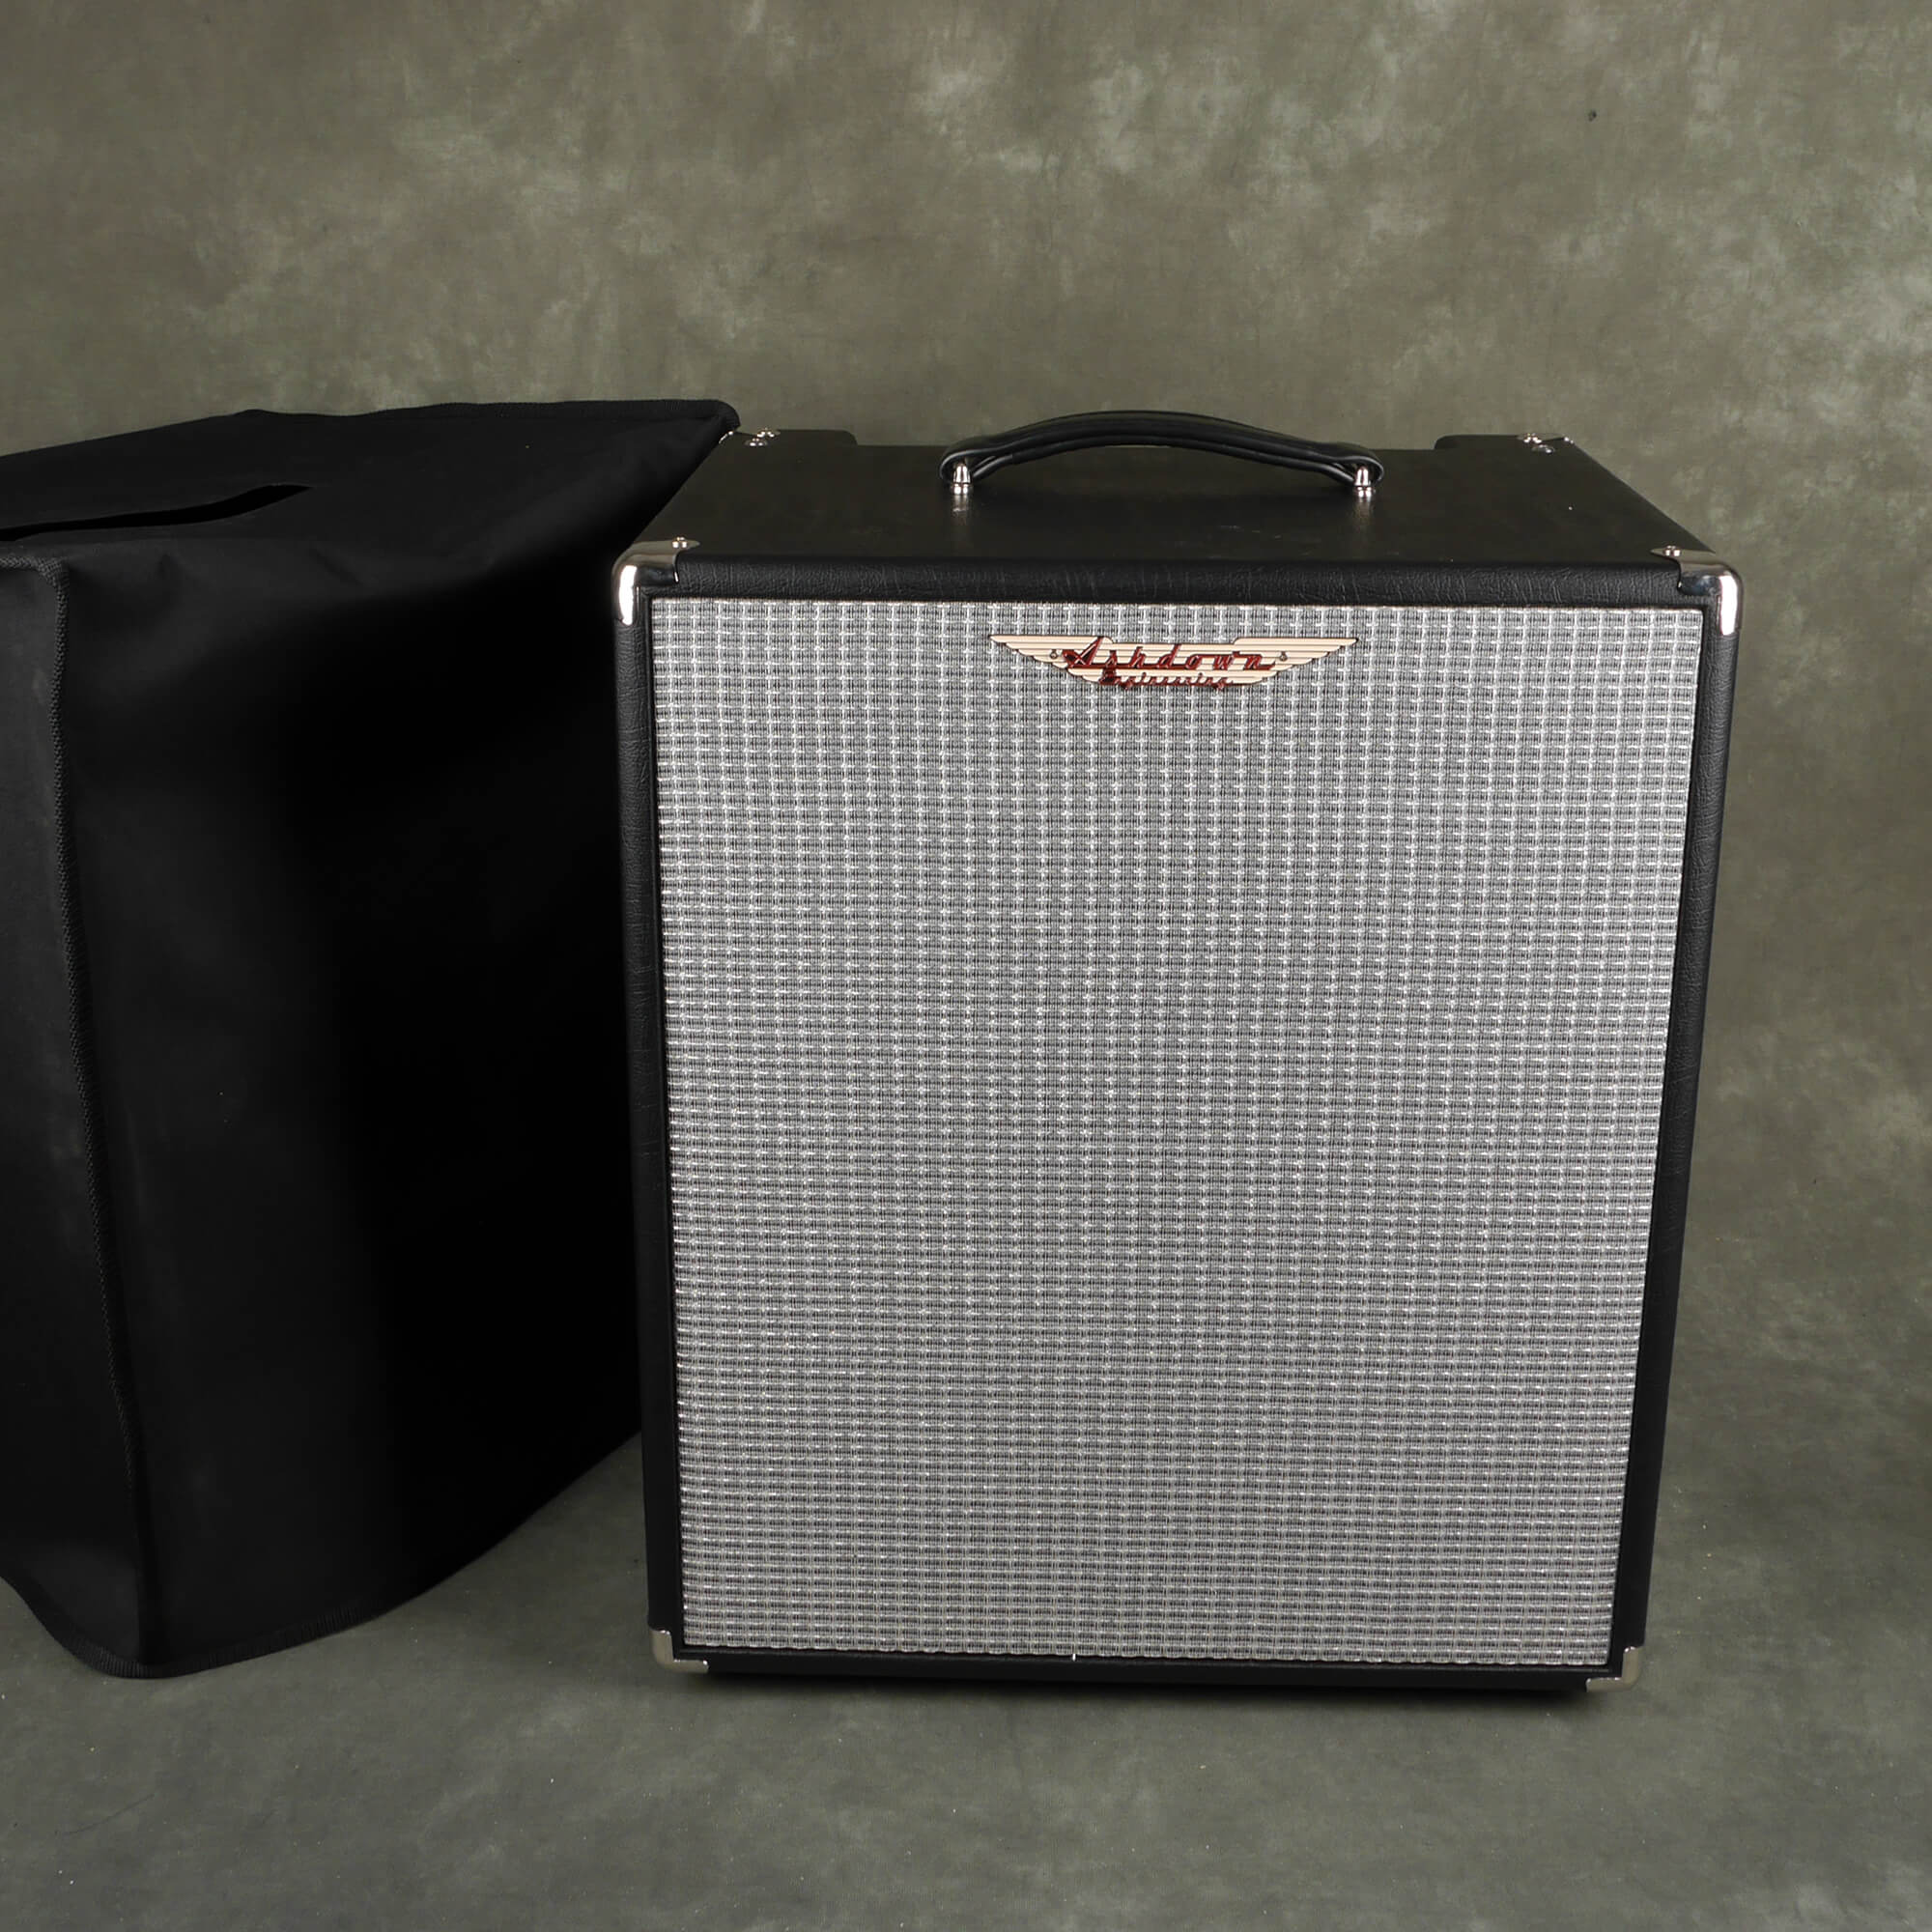 Ashdown Studio 15 300 Watt Bass Combo Amplifier w/Cover - 2nd Hand